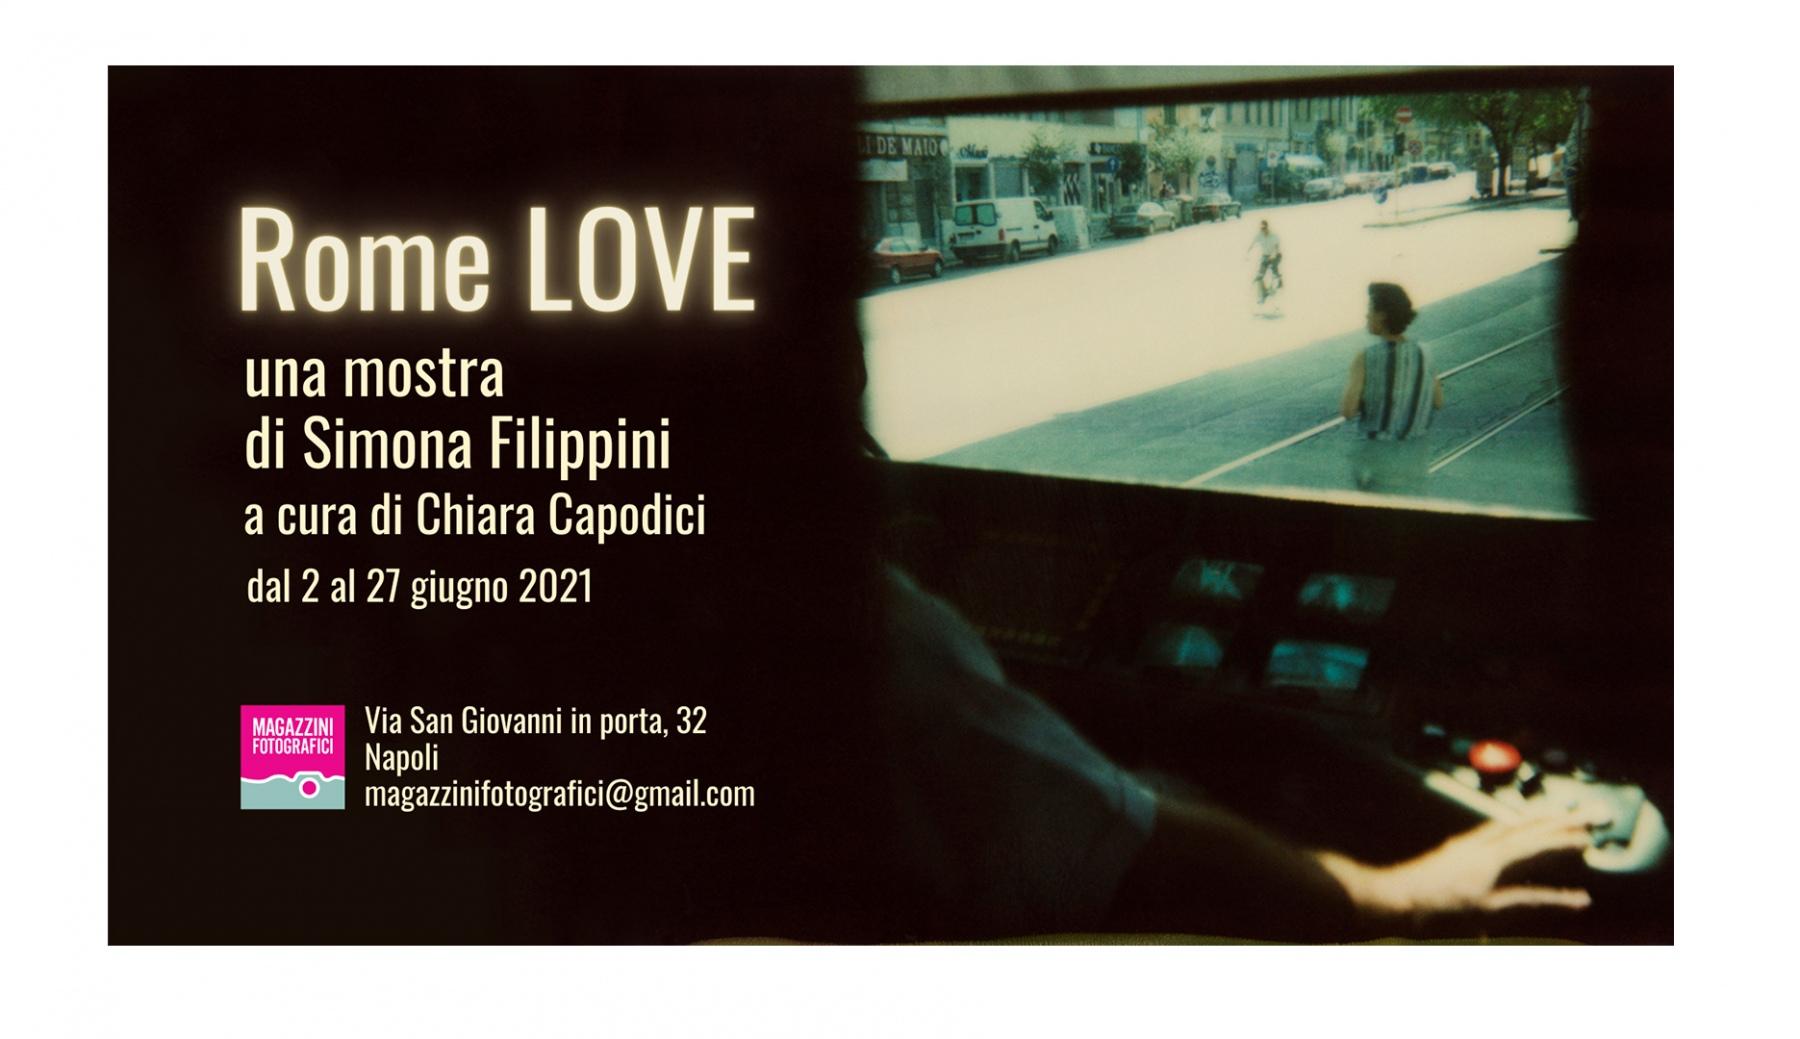 1_Invito-x-sito-Napoli